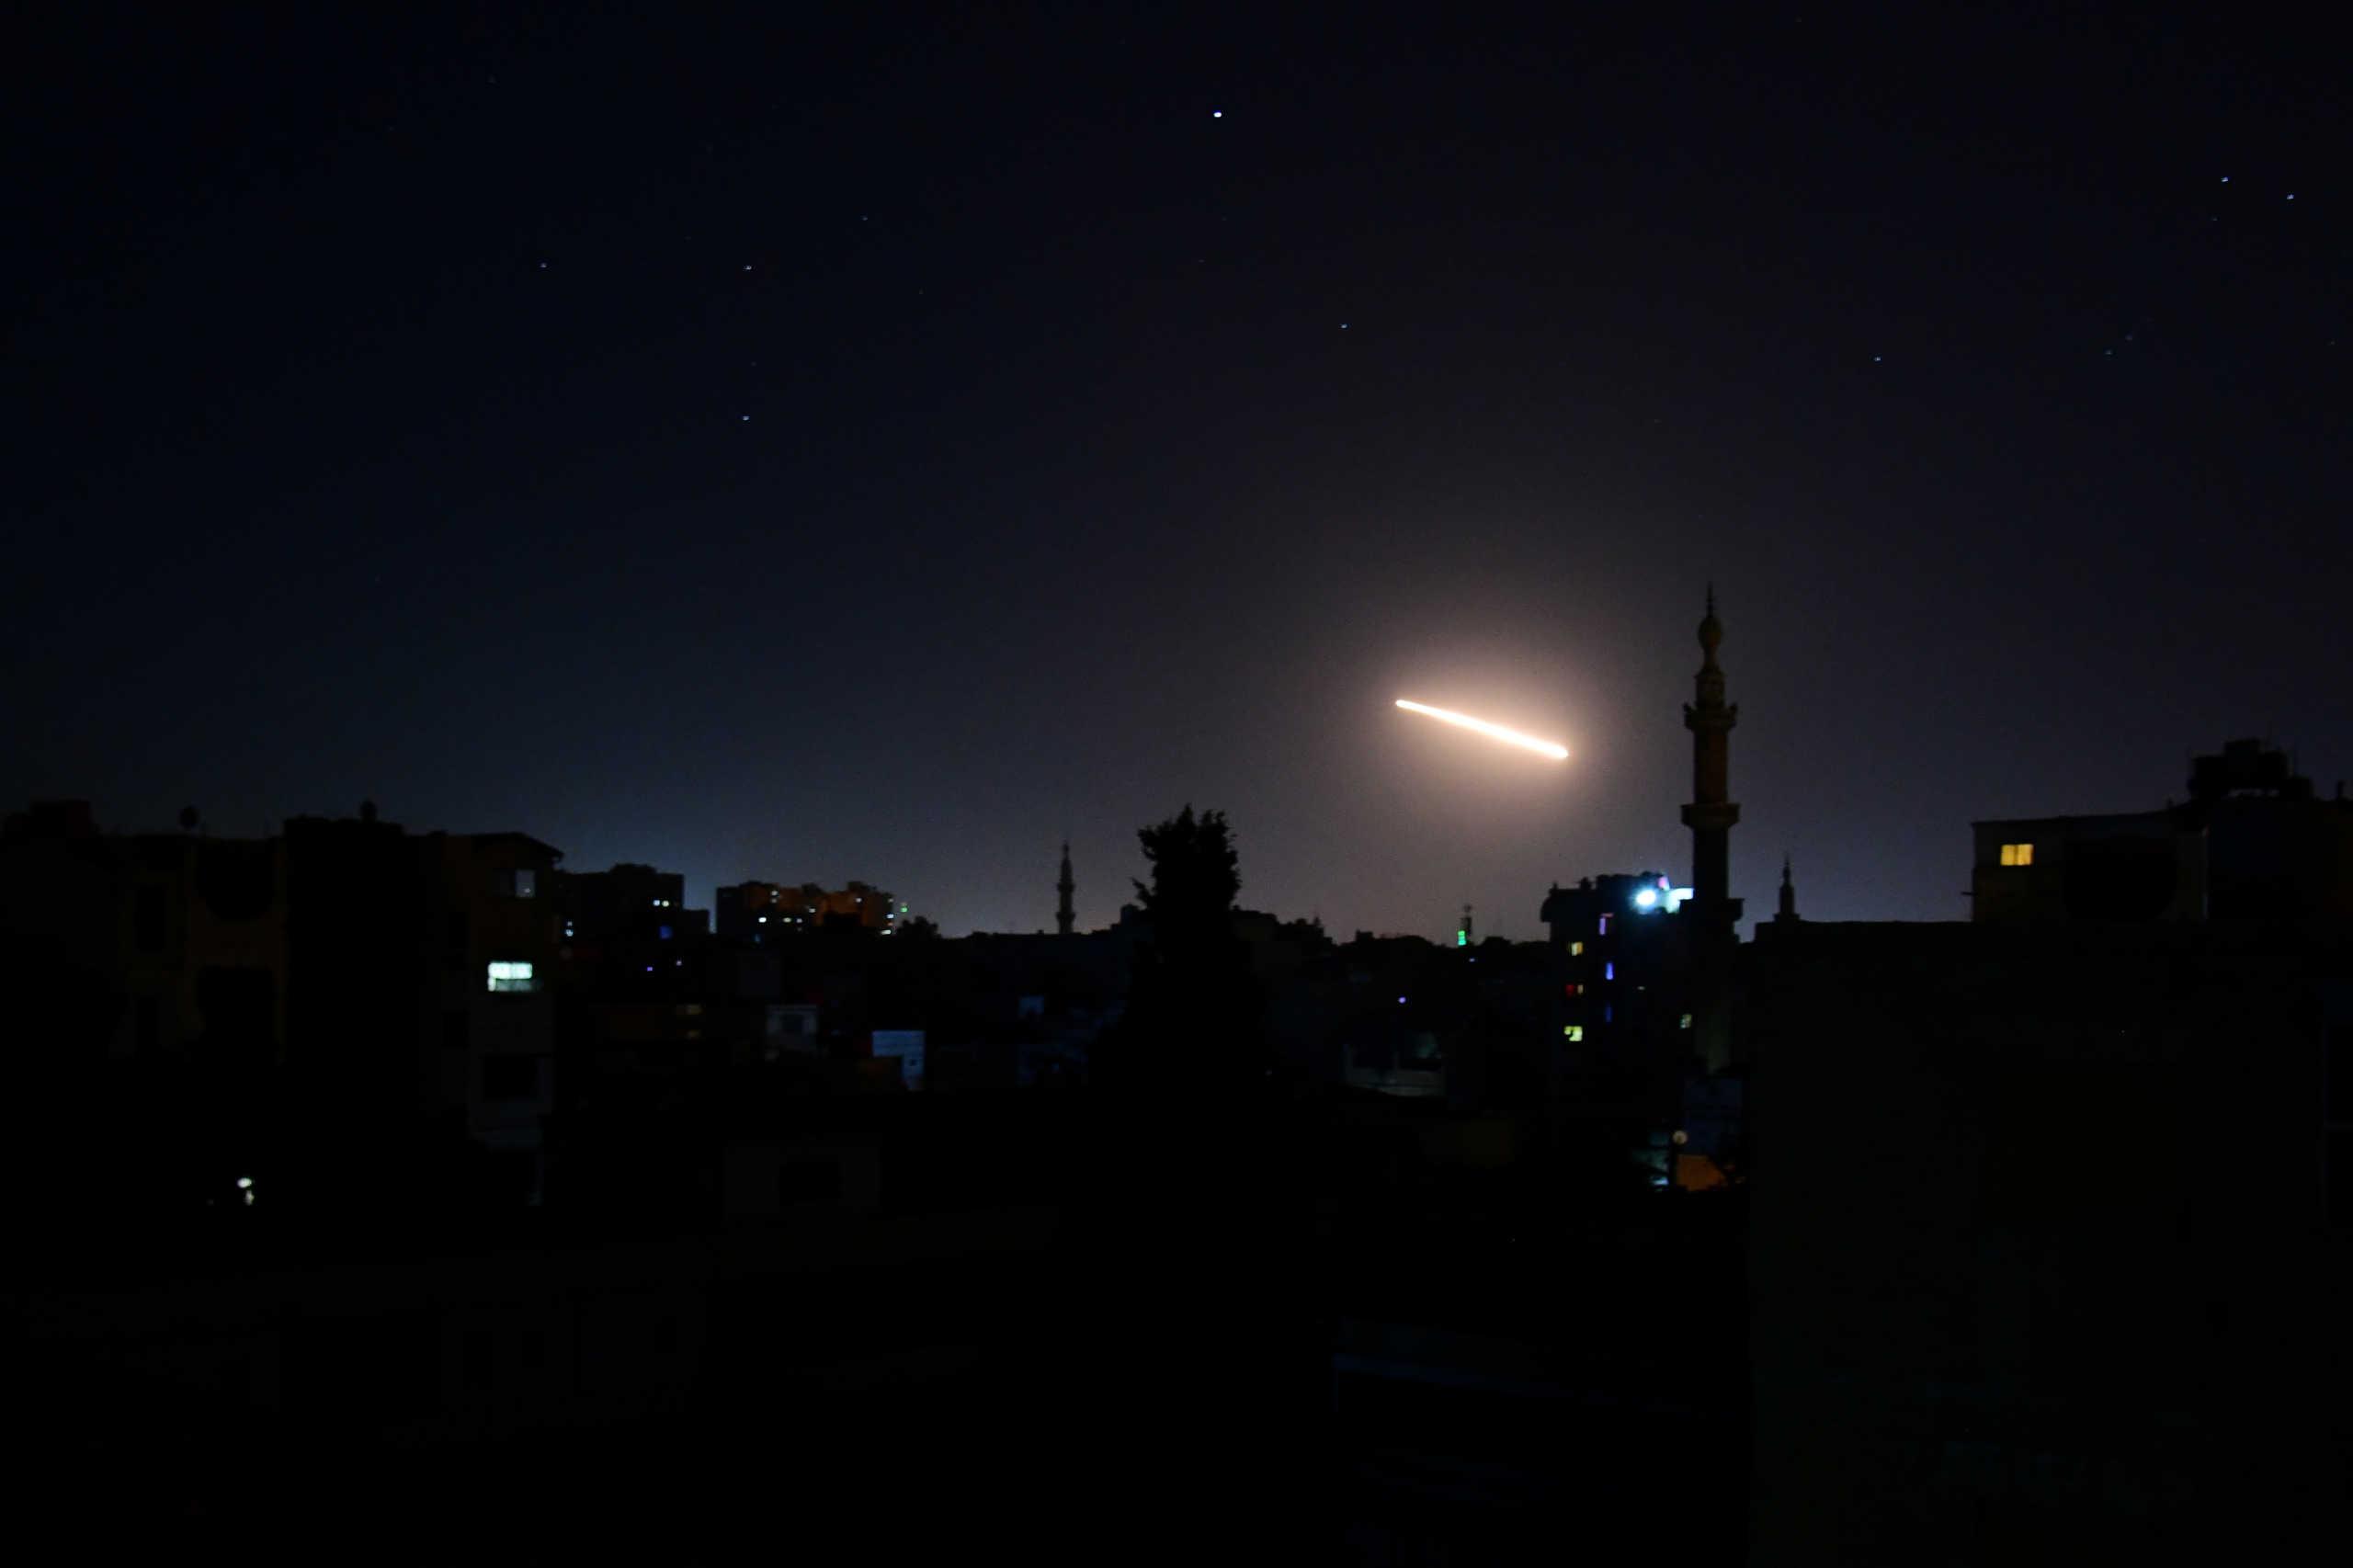 Συρία: Επίθεση με πυραύλους από τον Ισραηλινό στρατό – 3 νεκροί